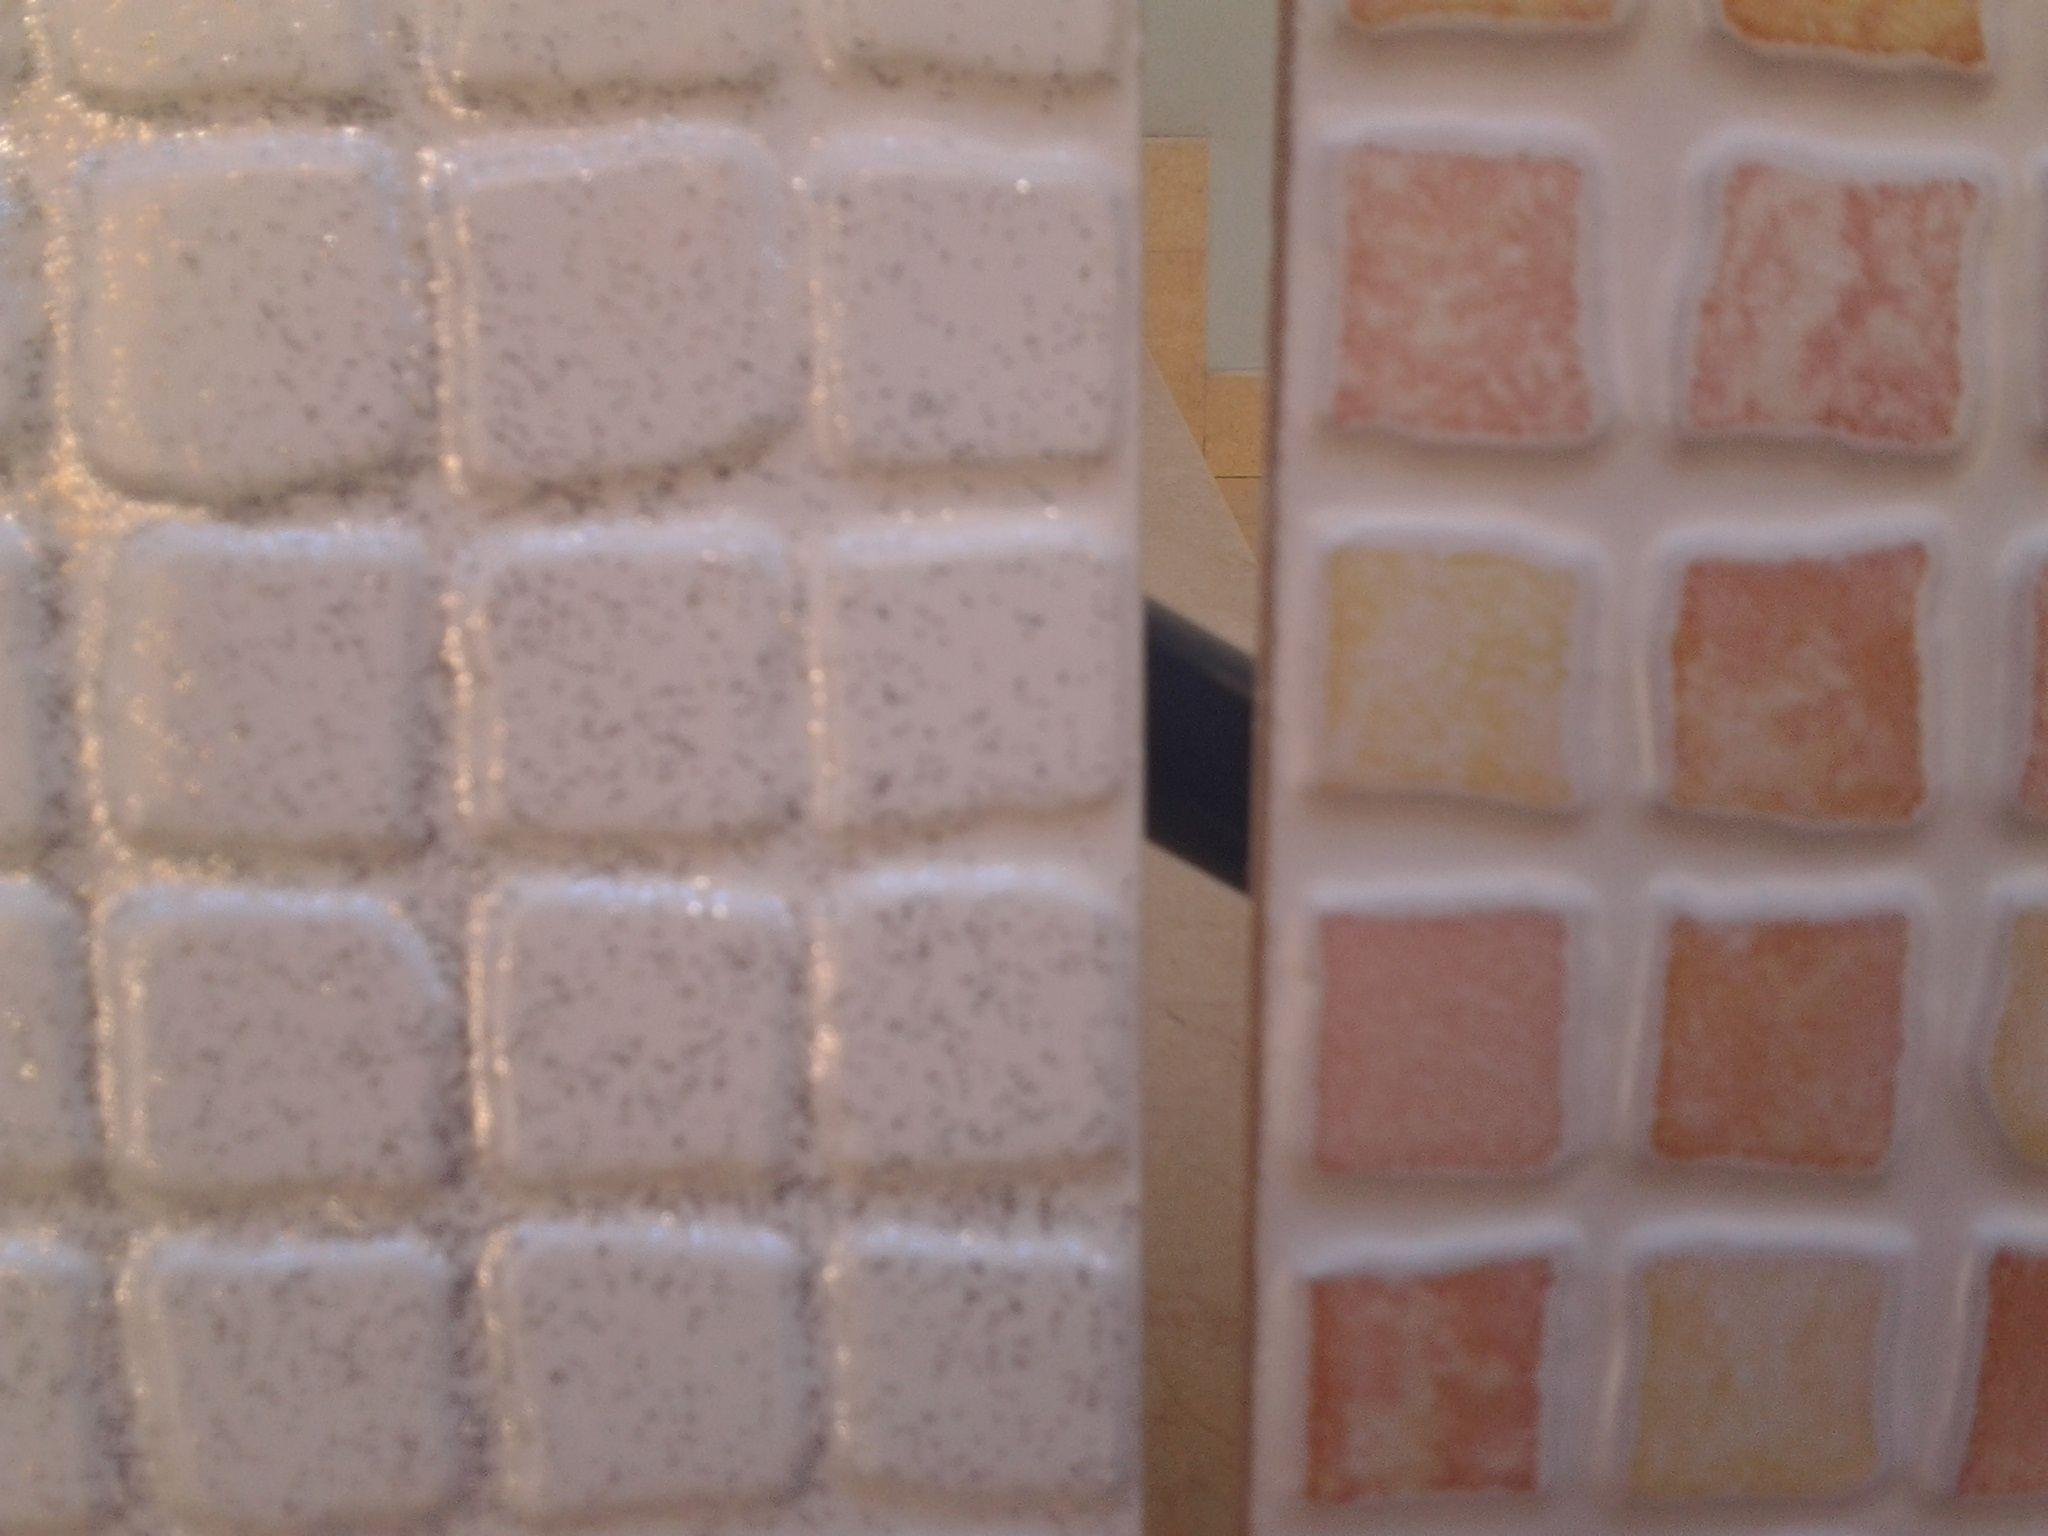 rinnovare le piastrelle di bagno e cucina - youtube | projects to ... - Verniciare Piastrelle Cucina